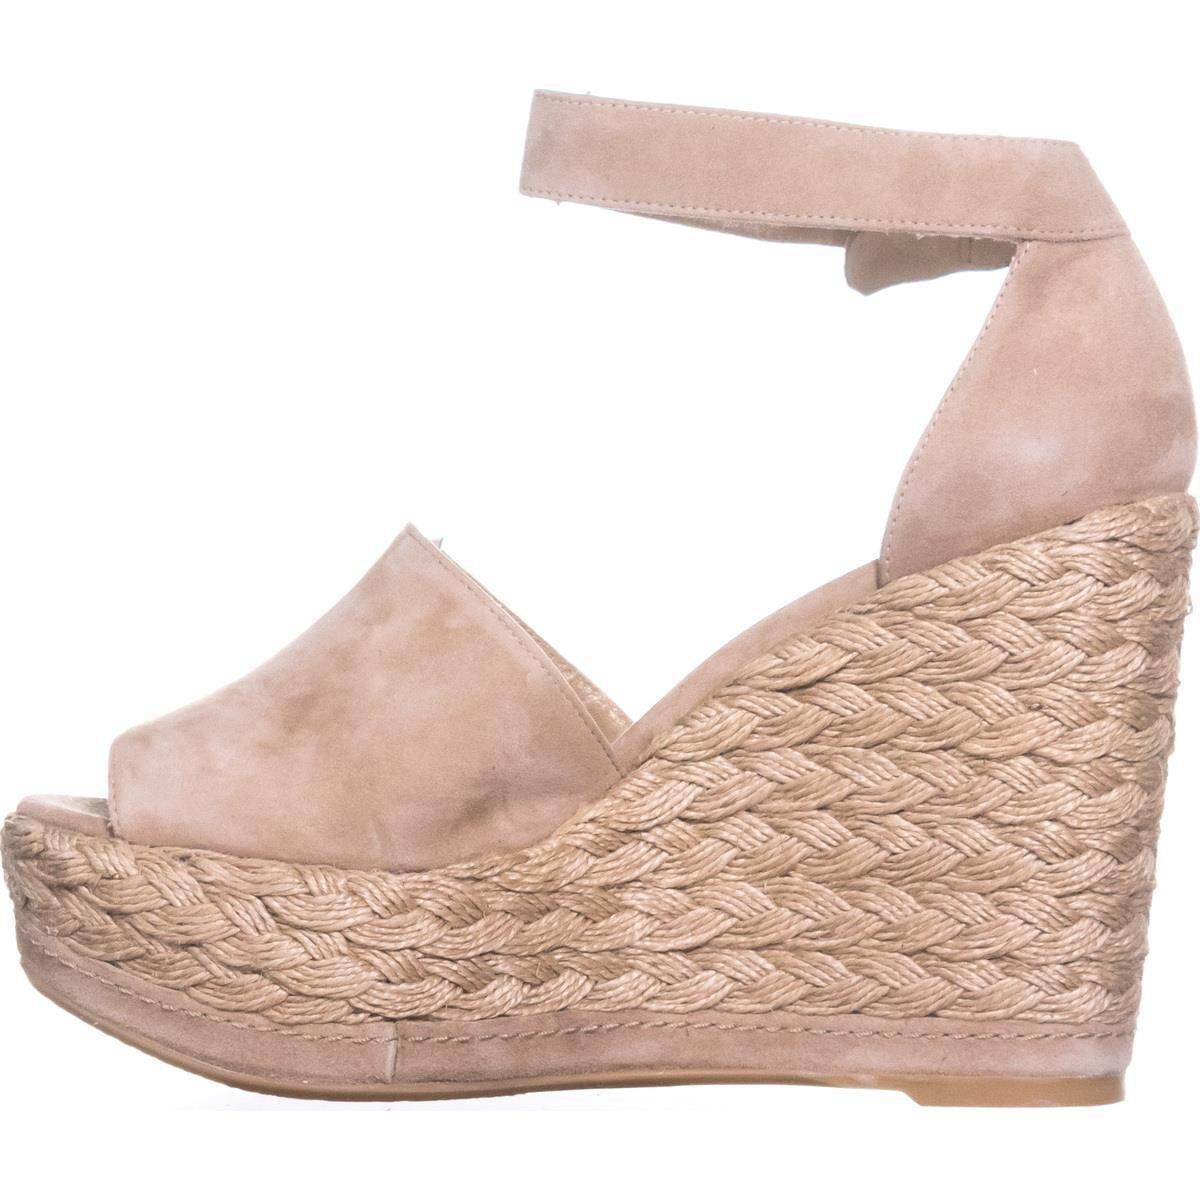 46878499e7e Amazon.com  Stuart Weitzman Sohojute Ankle Strap Platform Sandal in Mojave   Shoes